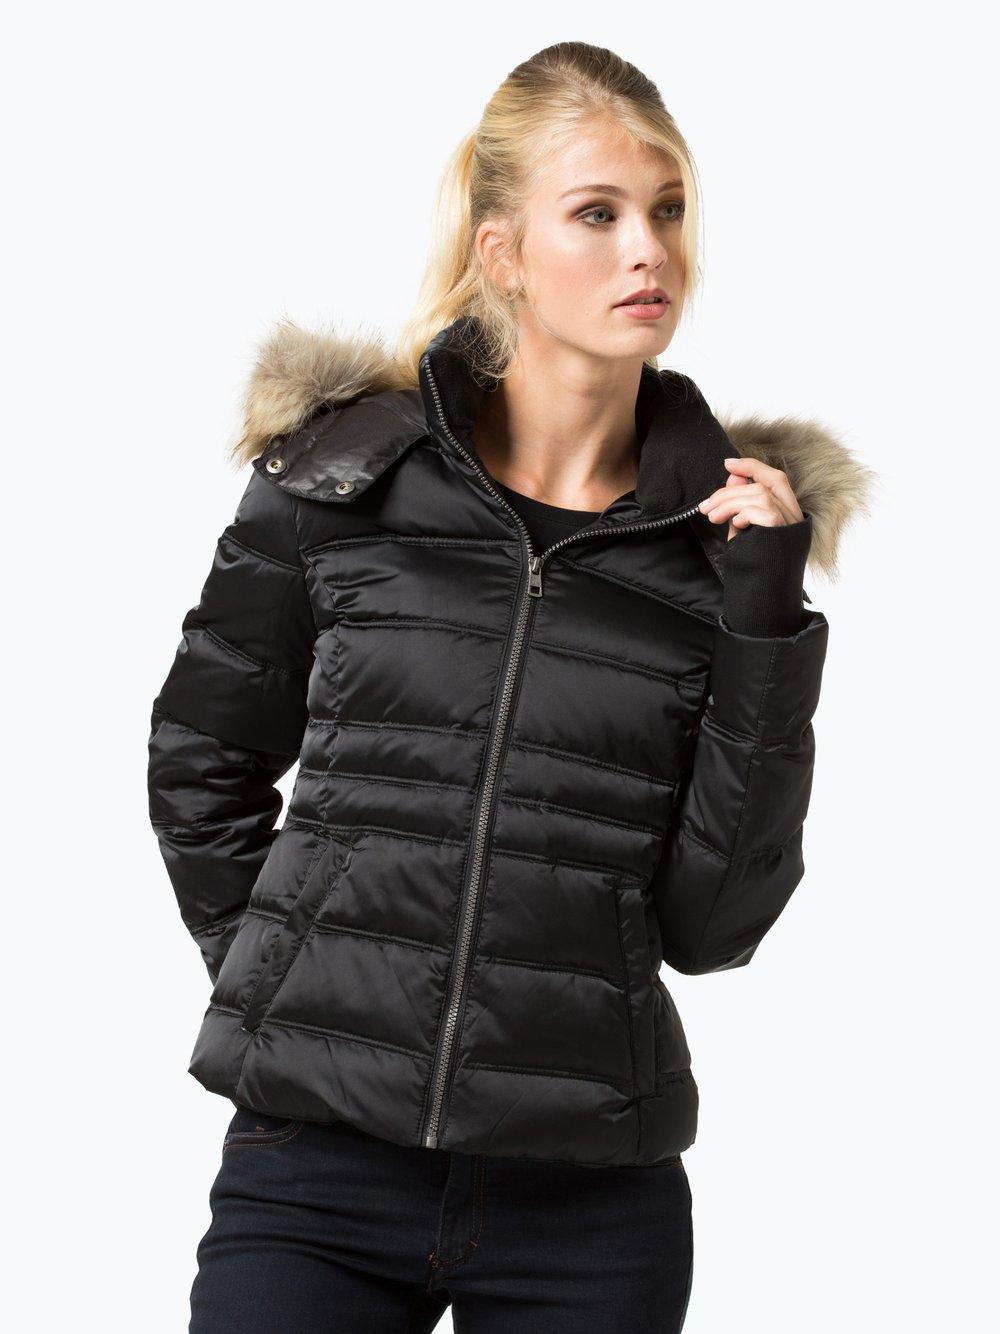 ace6f084556c4 Calvin Klein Jeans Damska kurtka puchowa kup online | VANGRAAF.COM